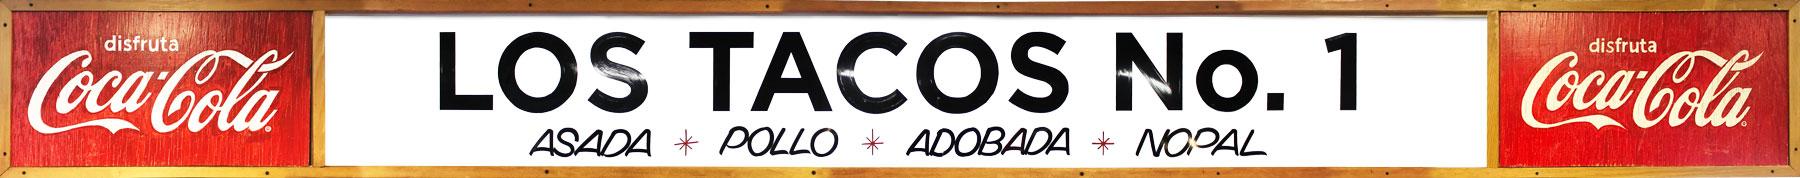 Los Tacos No. 1 Home